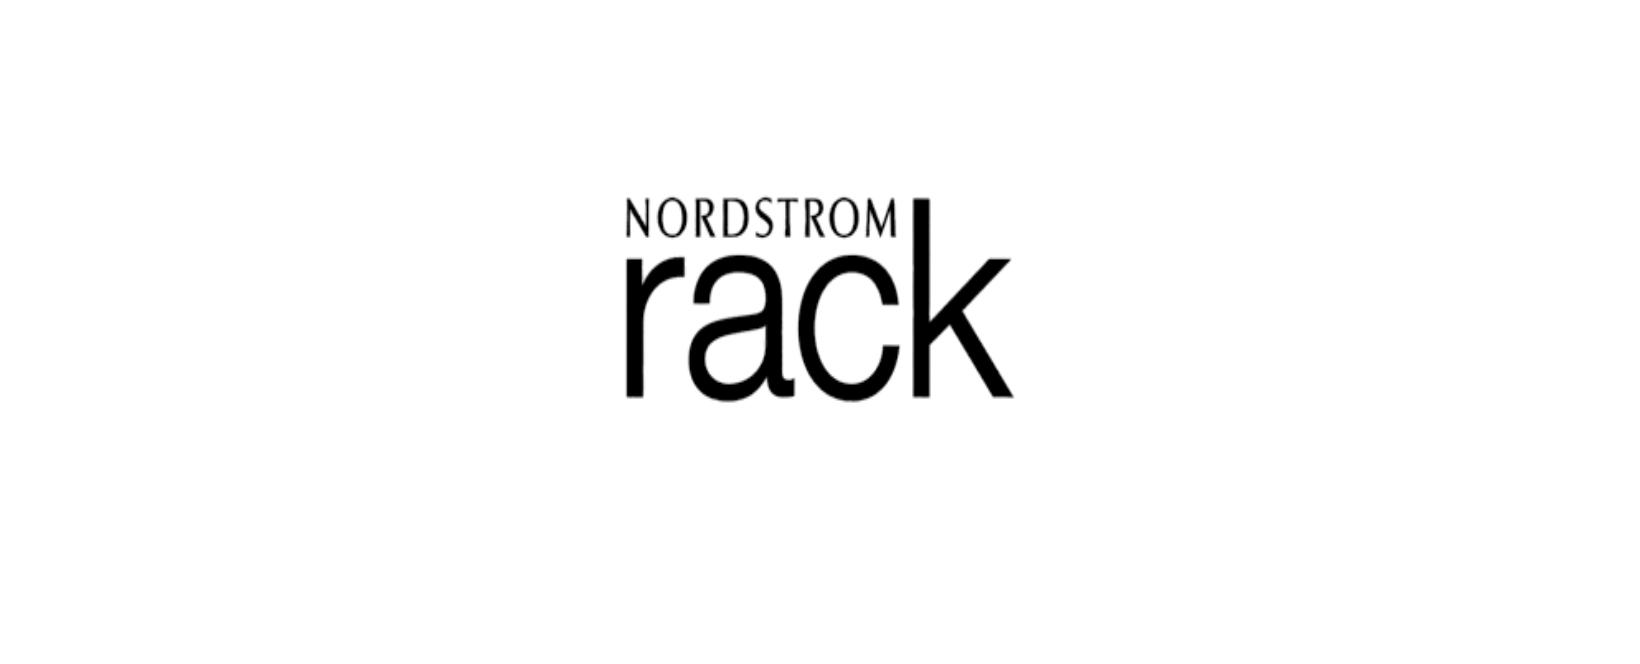 Nordstrom Rack Discount Code 2021